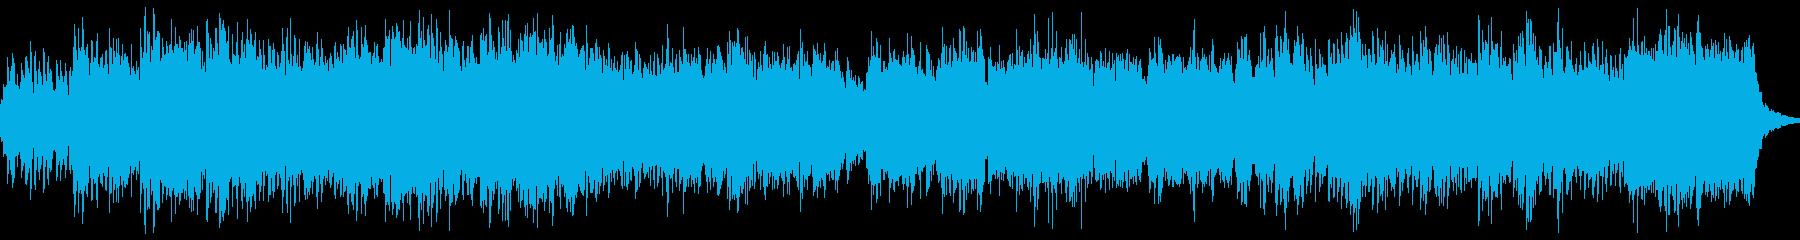 きらきらしたピアノとストリングスの幻想曲の再生済みの波形